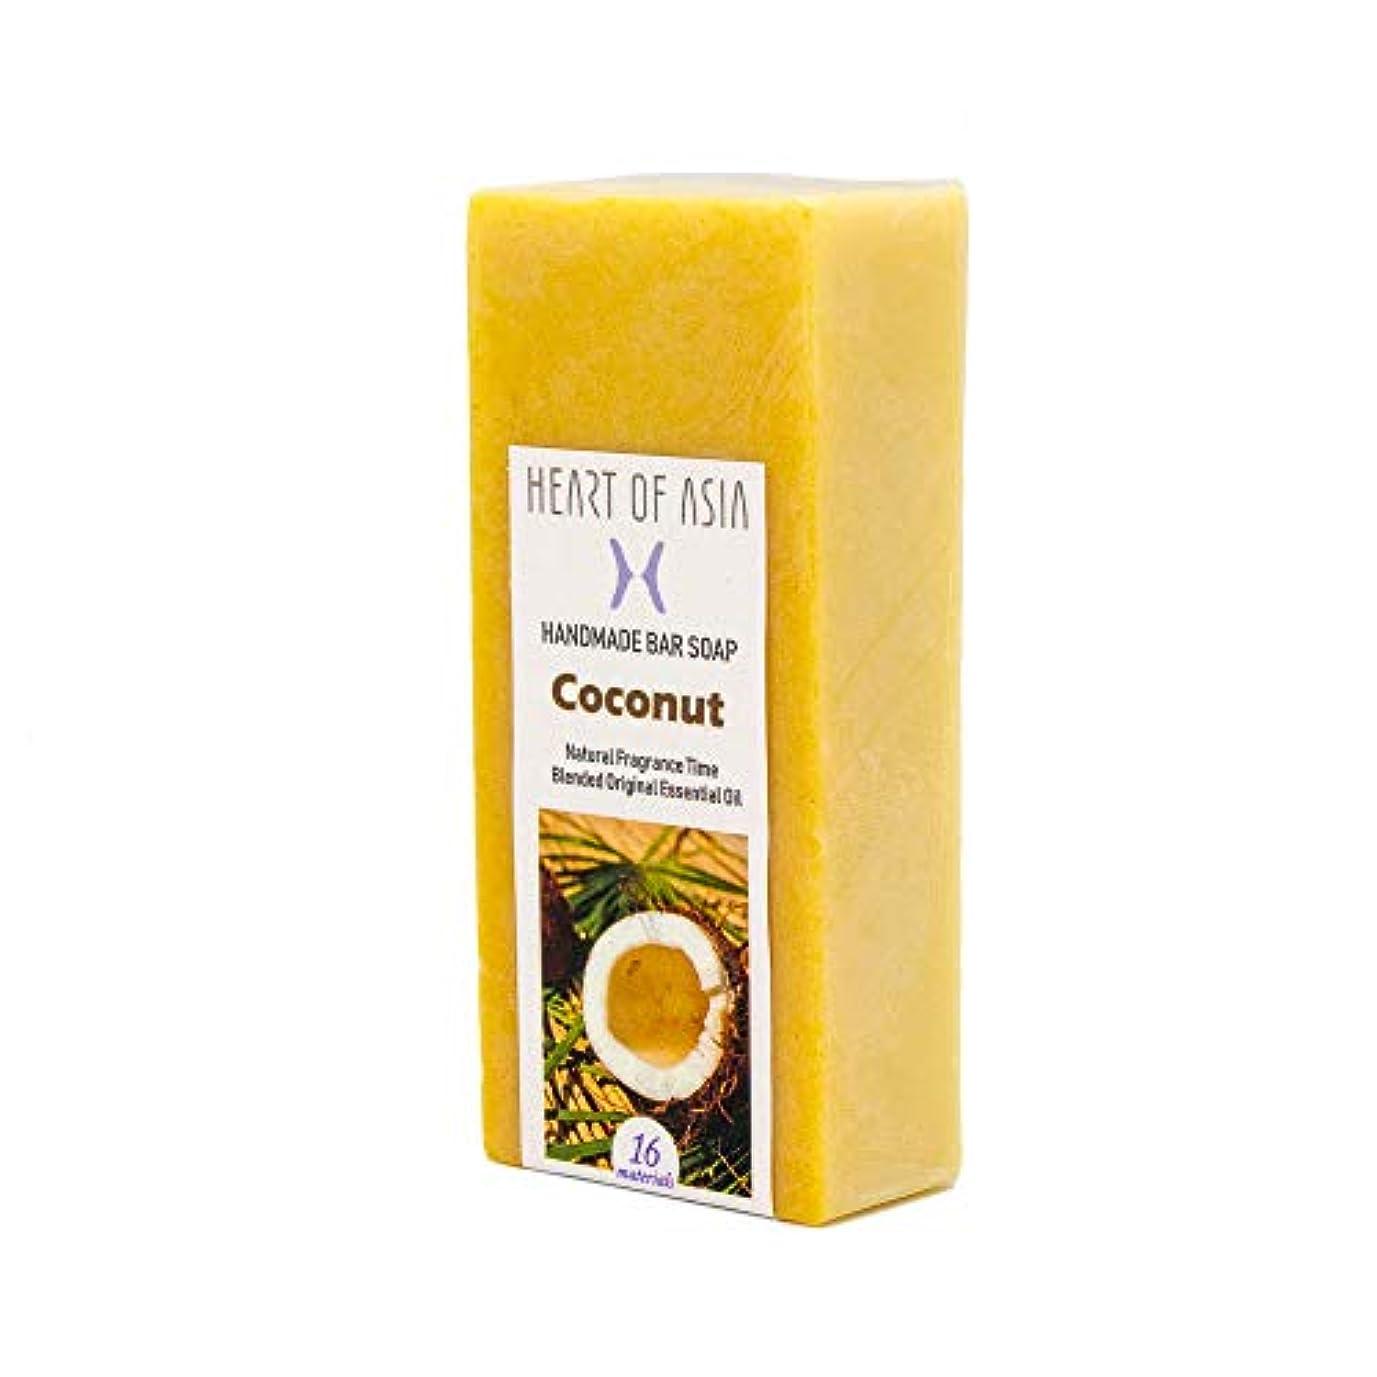 カート陰謀ログ香水のようなフレグランス石けん HANDMADE BAR SOAP ~Coconut ~ (単品)